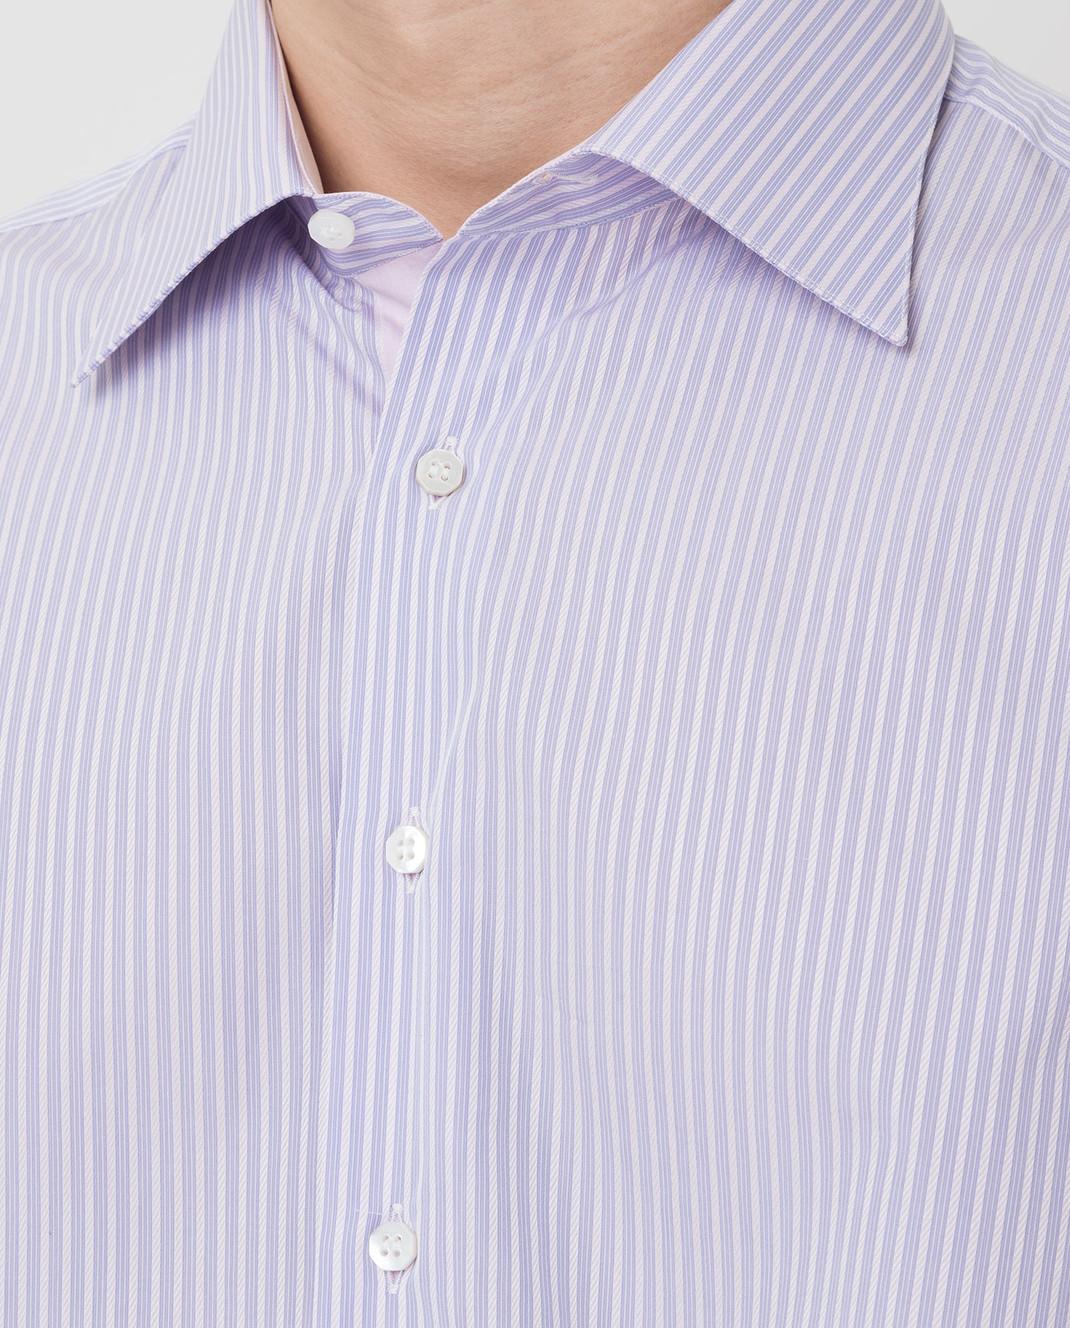 Stefano Ricci Сиреневая рубашка MC000872 изображение 5